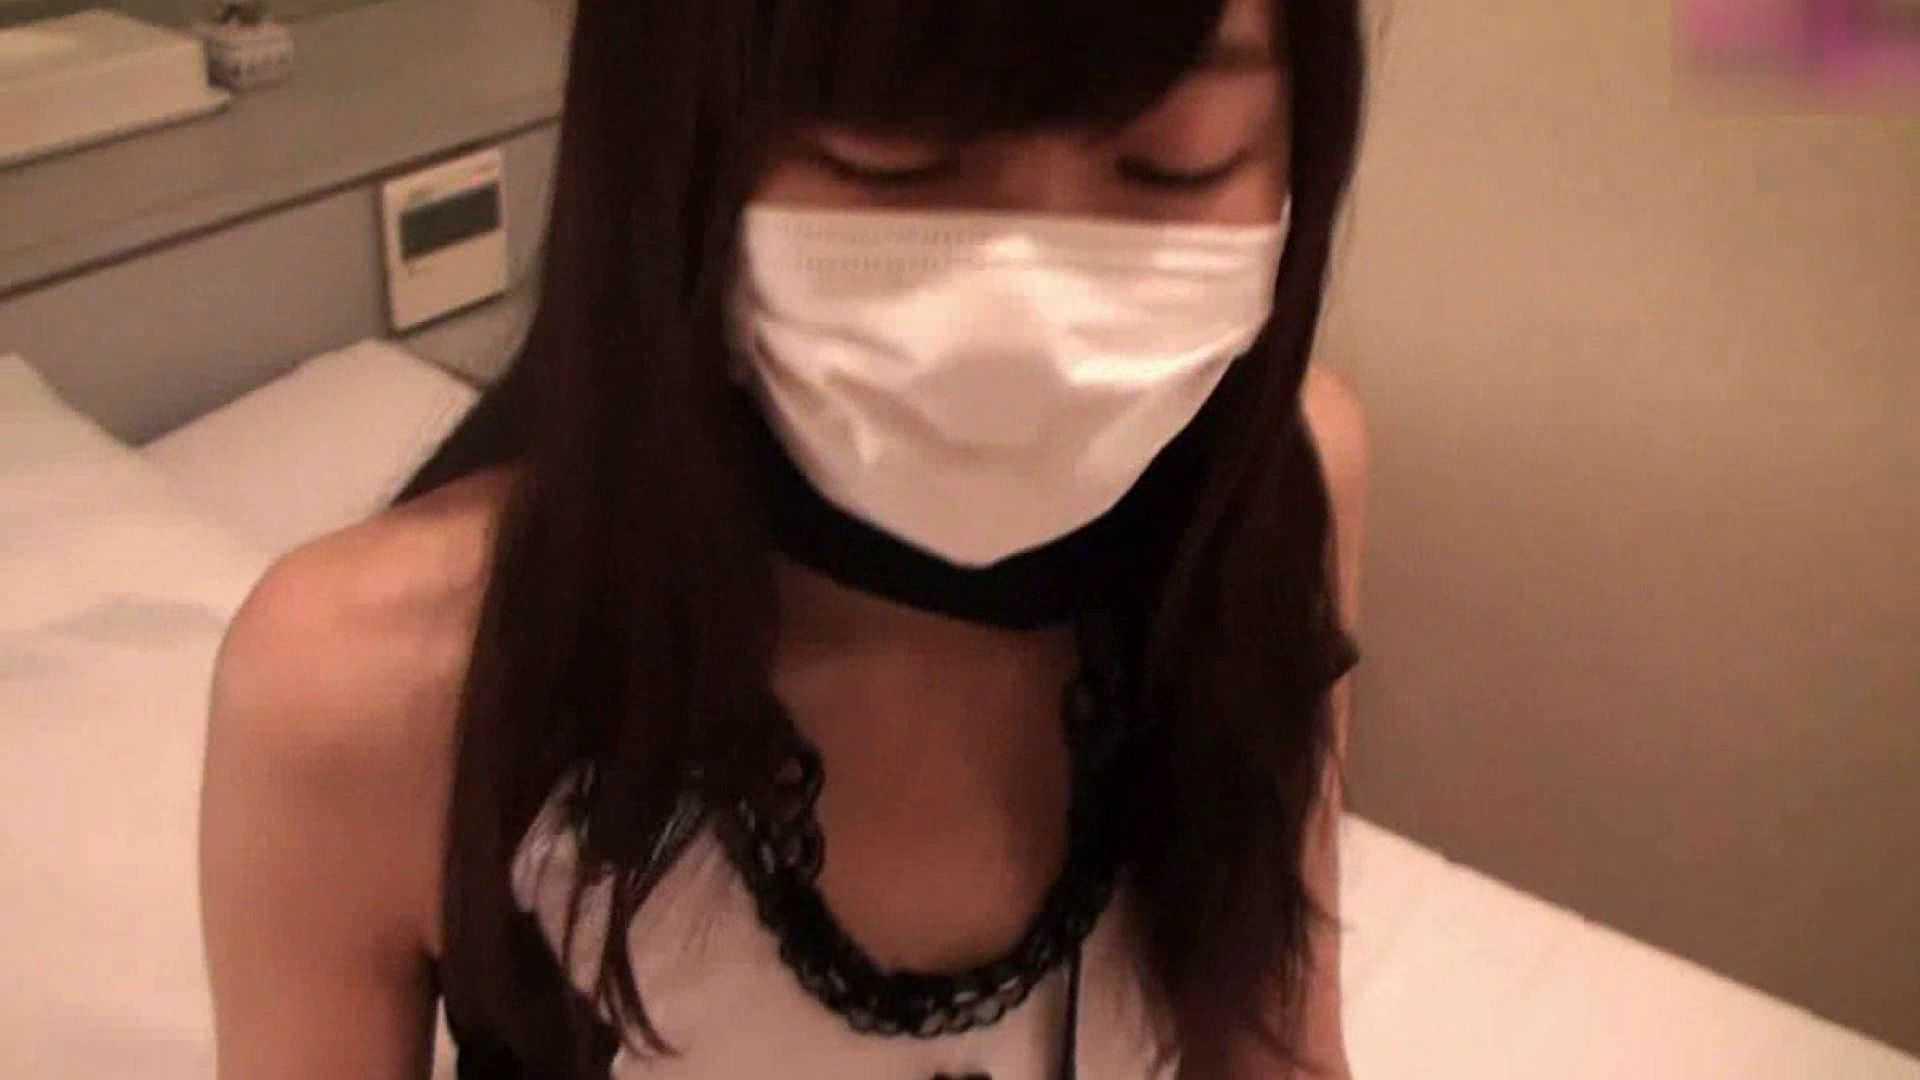 S級厳選美女ビッチガールVol.23 すけべな美女  105画像 32